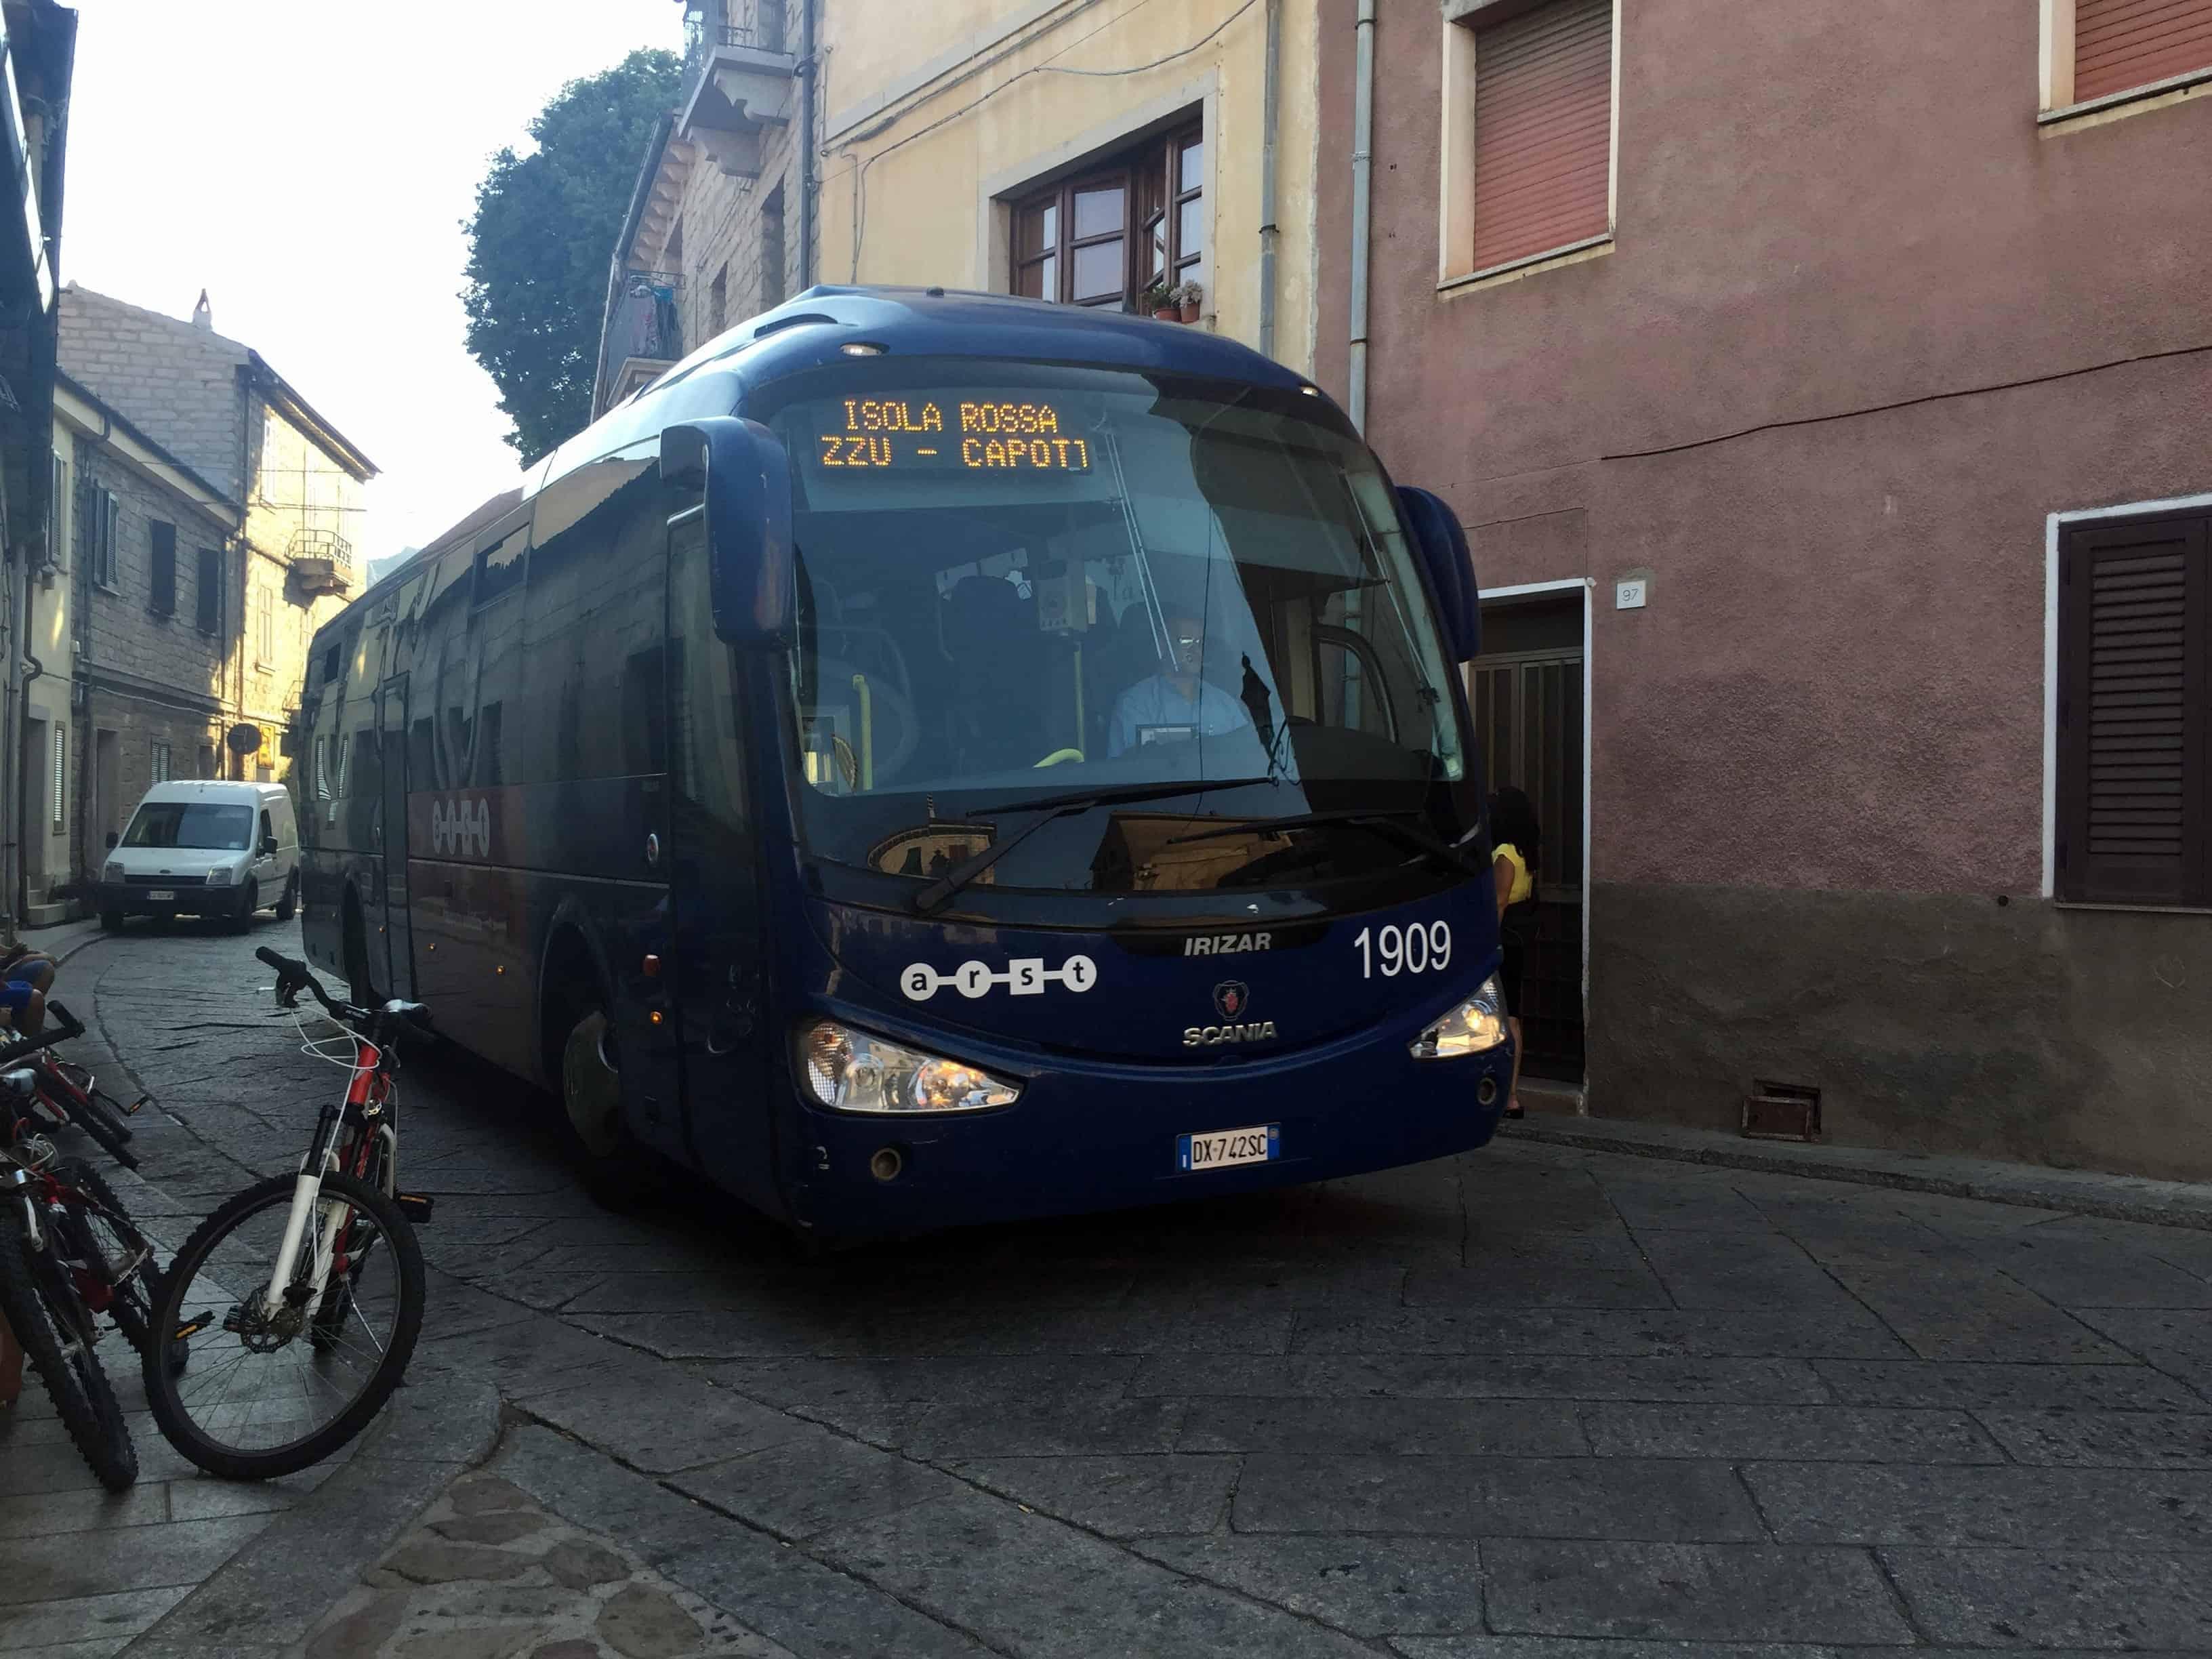 Sardinia Island ARST Buses